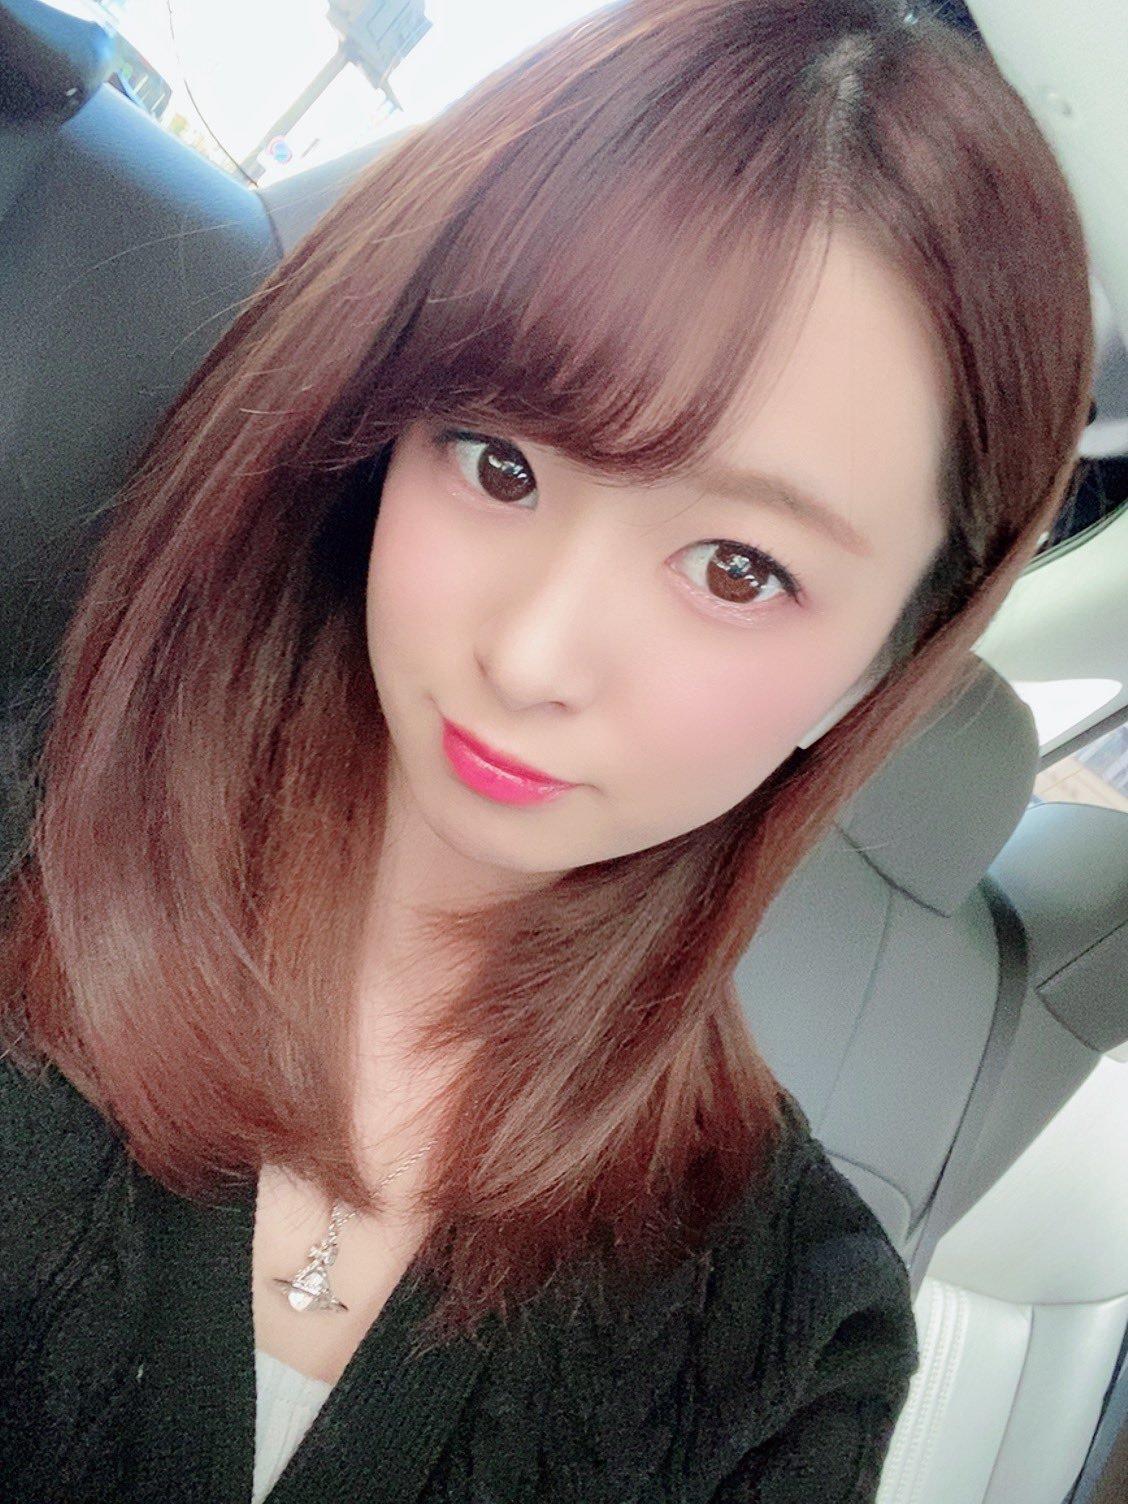 hikari_ninoheee 1232888212764278784_p0